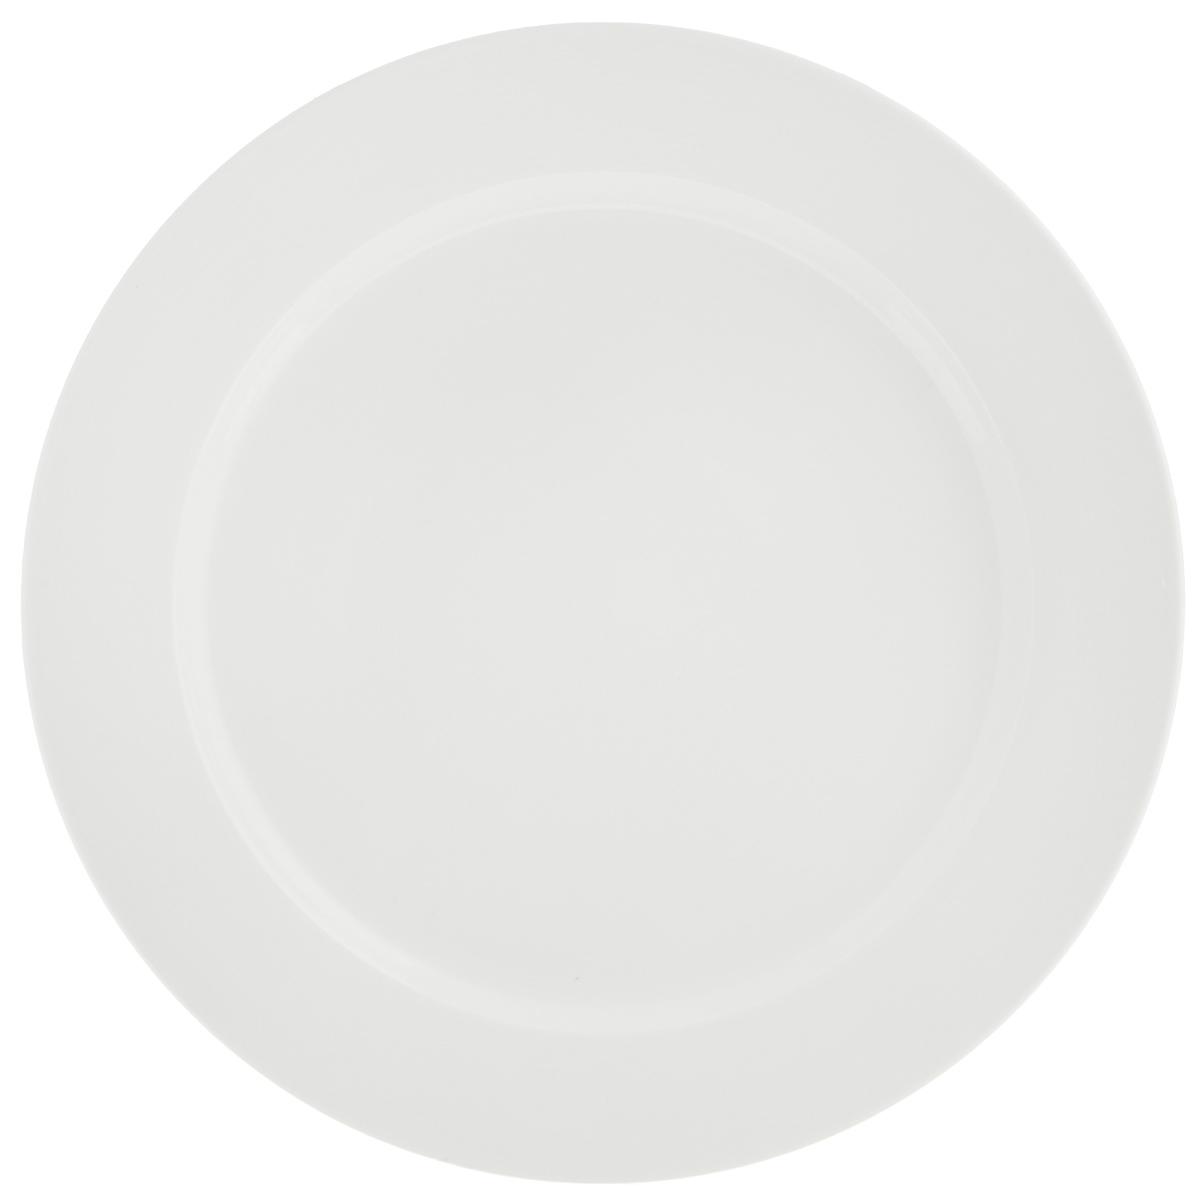 Тарелка Tescoma Opus Stripes, диаметр 27 см385124Тарелка Tescoma Opus Stripes выполнена из высококачественного фарфора однотонного цвета и прекрасно подойдет для вашей кухни. Такая тарелка изысканно украсит сервировку как обеденного, так и праздничного стола. Предназначена для подачи вторых блюд. Пригодна для использования в микроволновой печи. Можно мыть в посудомоечной машине.Диаметр: 27см.Высота тарелки: 2,5 см.